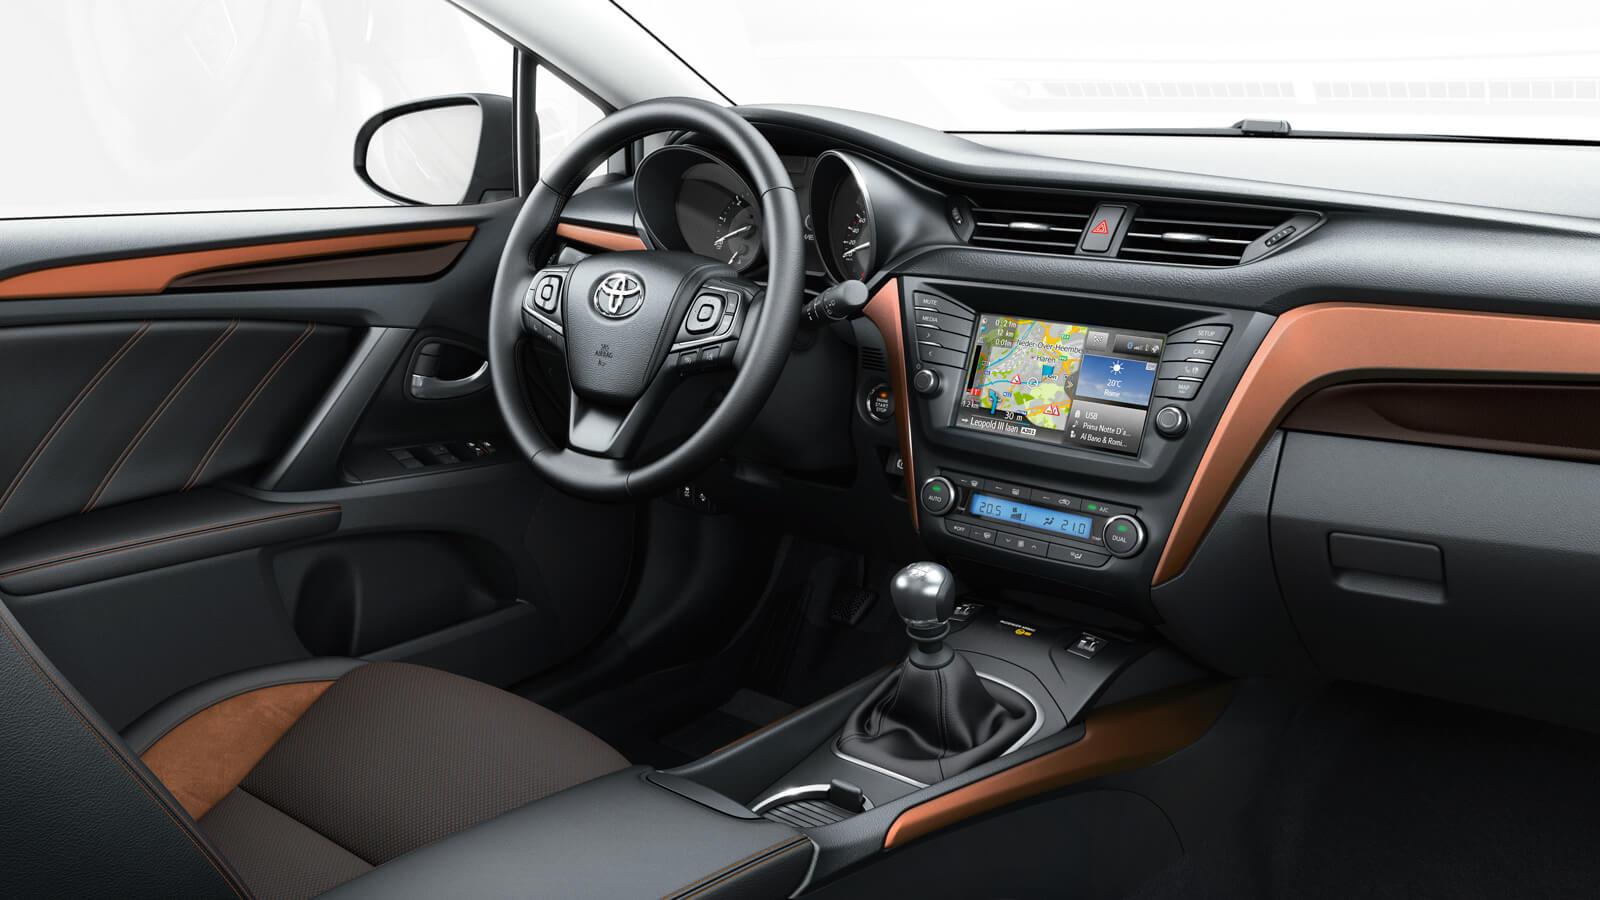 Avensis - 7